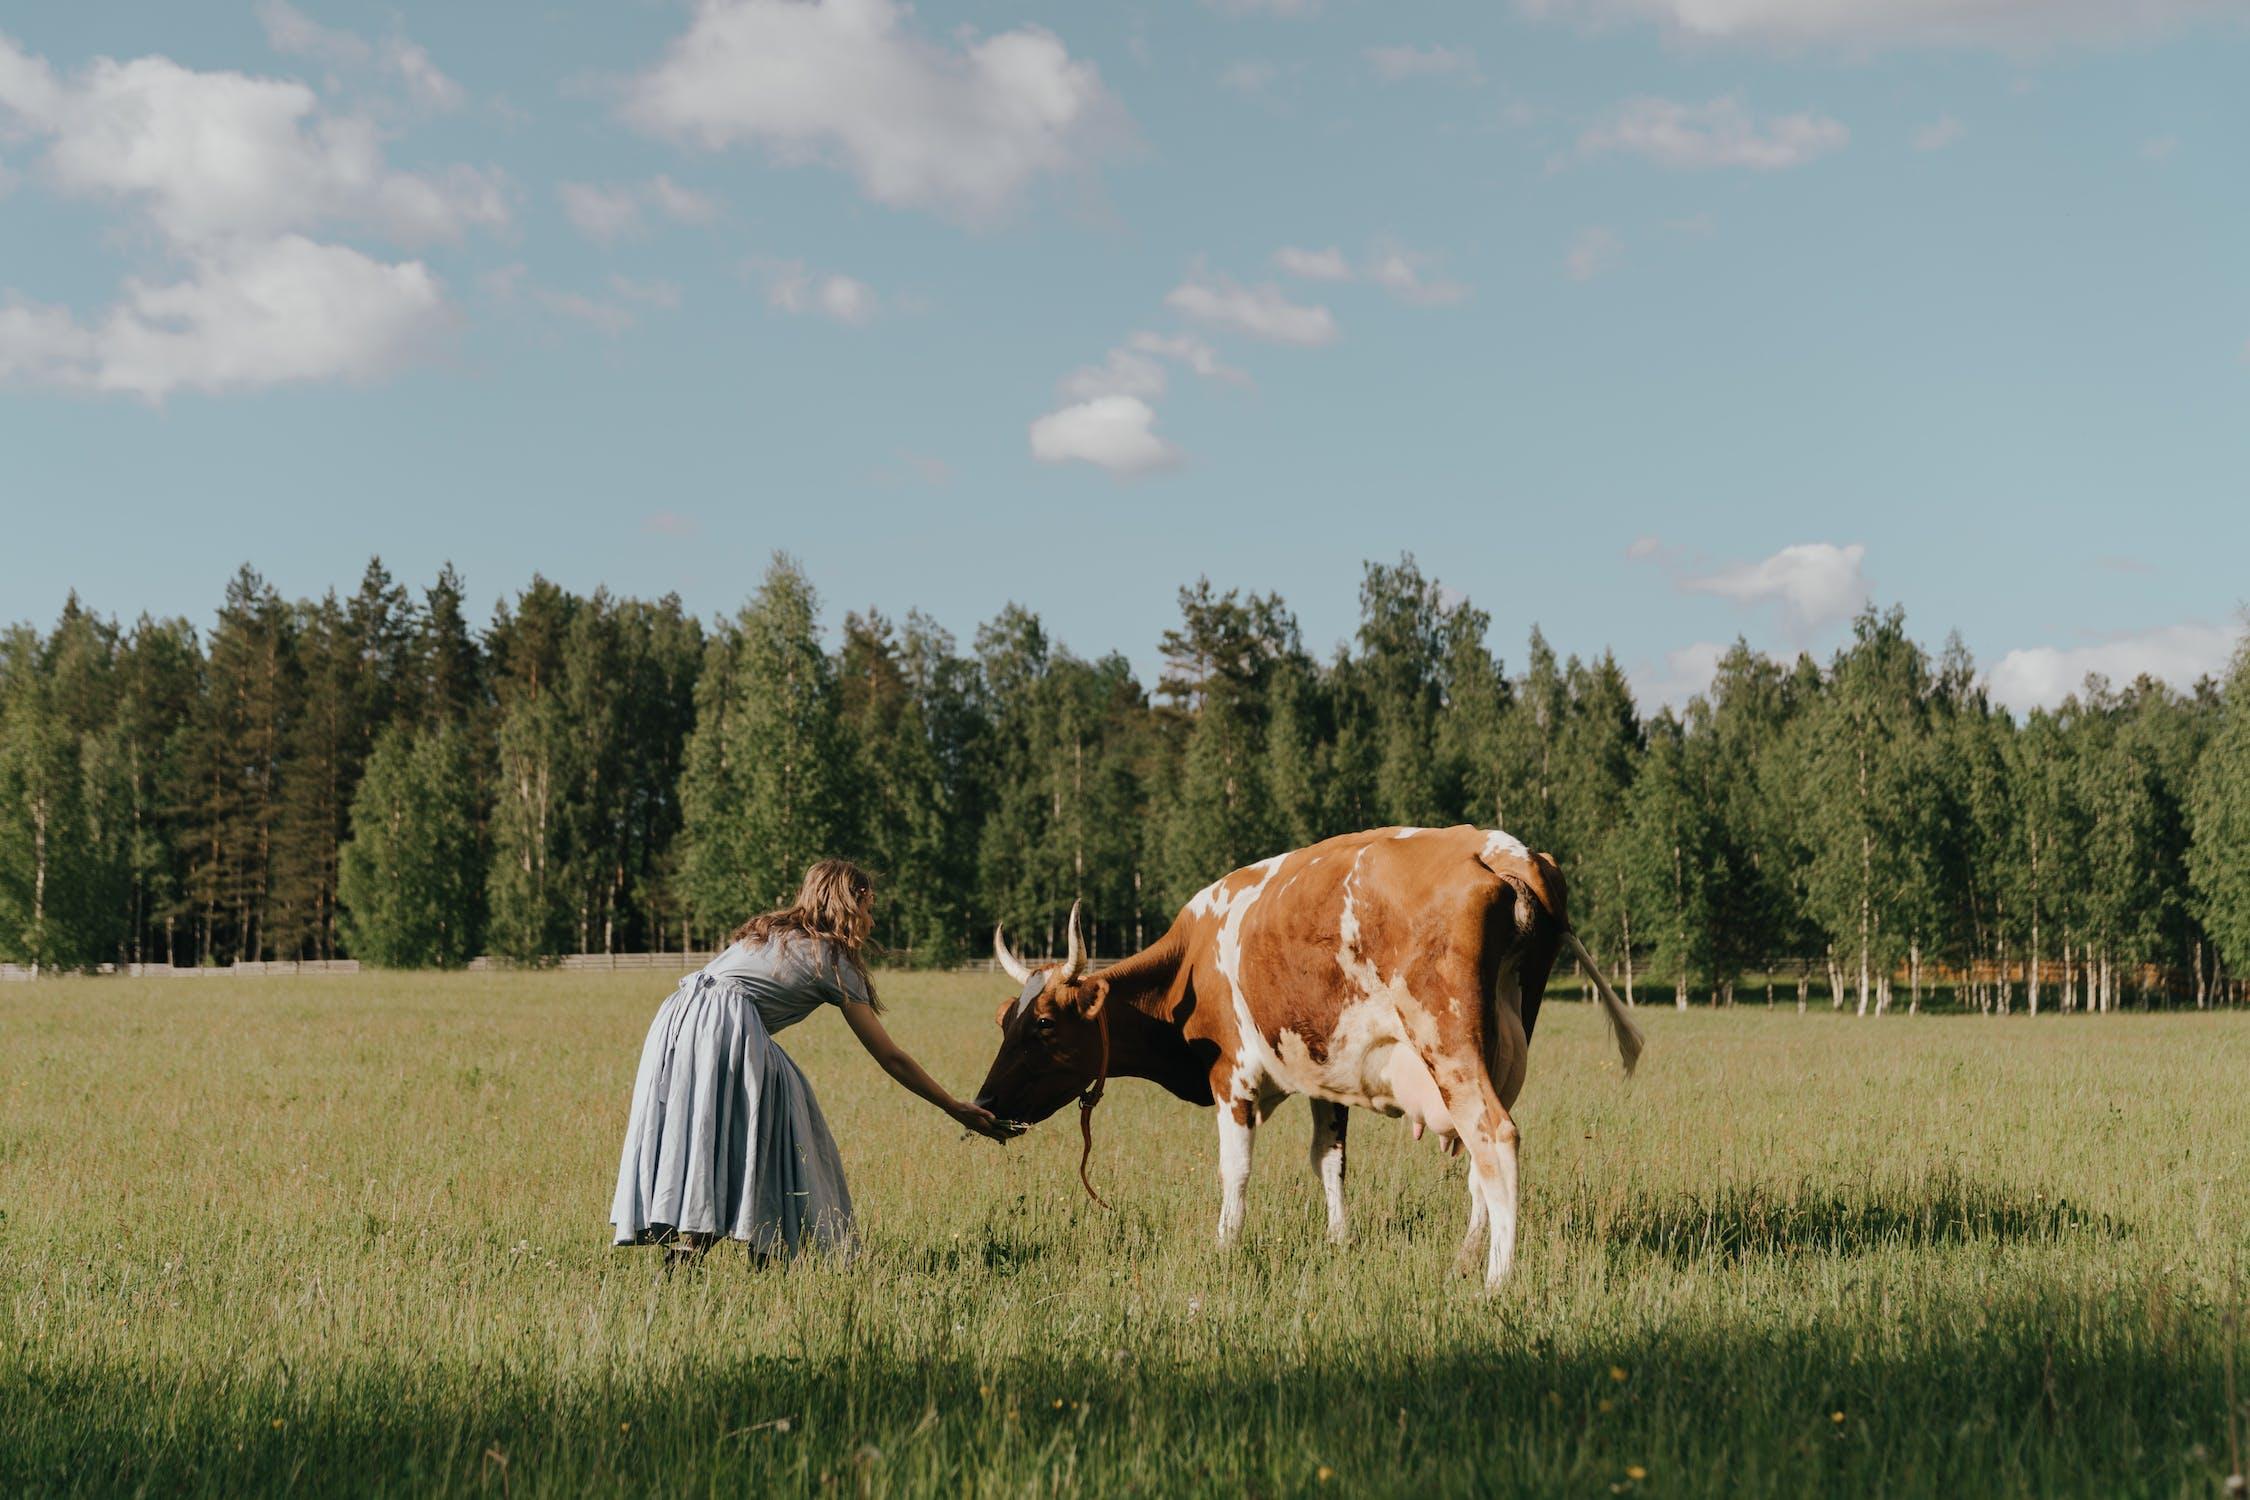 Cow @pexels.com